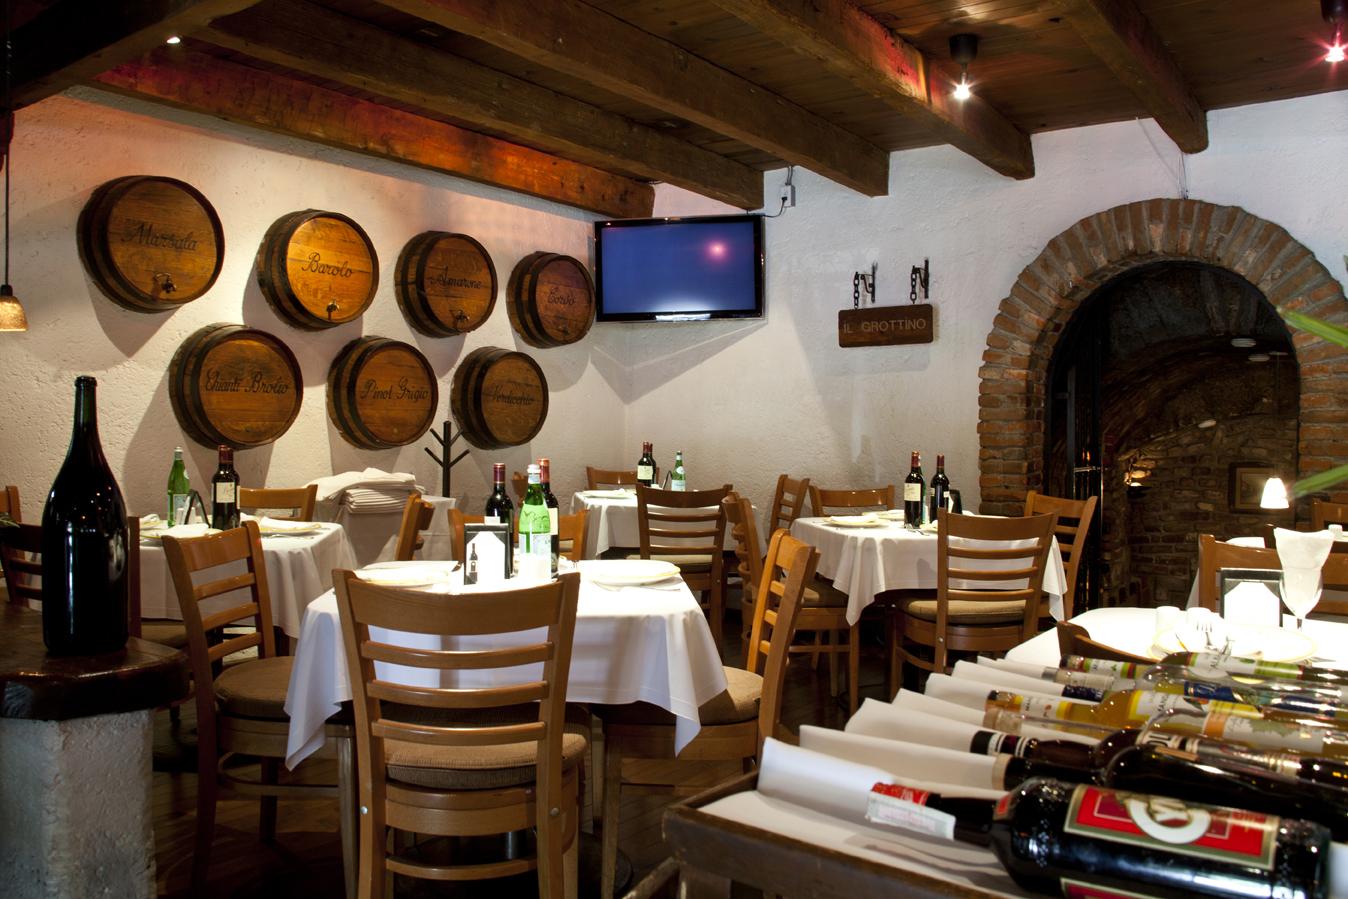 Los mejores restaurantes italianos en el df for Decoracion de pared para restaurante